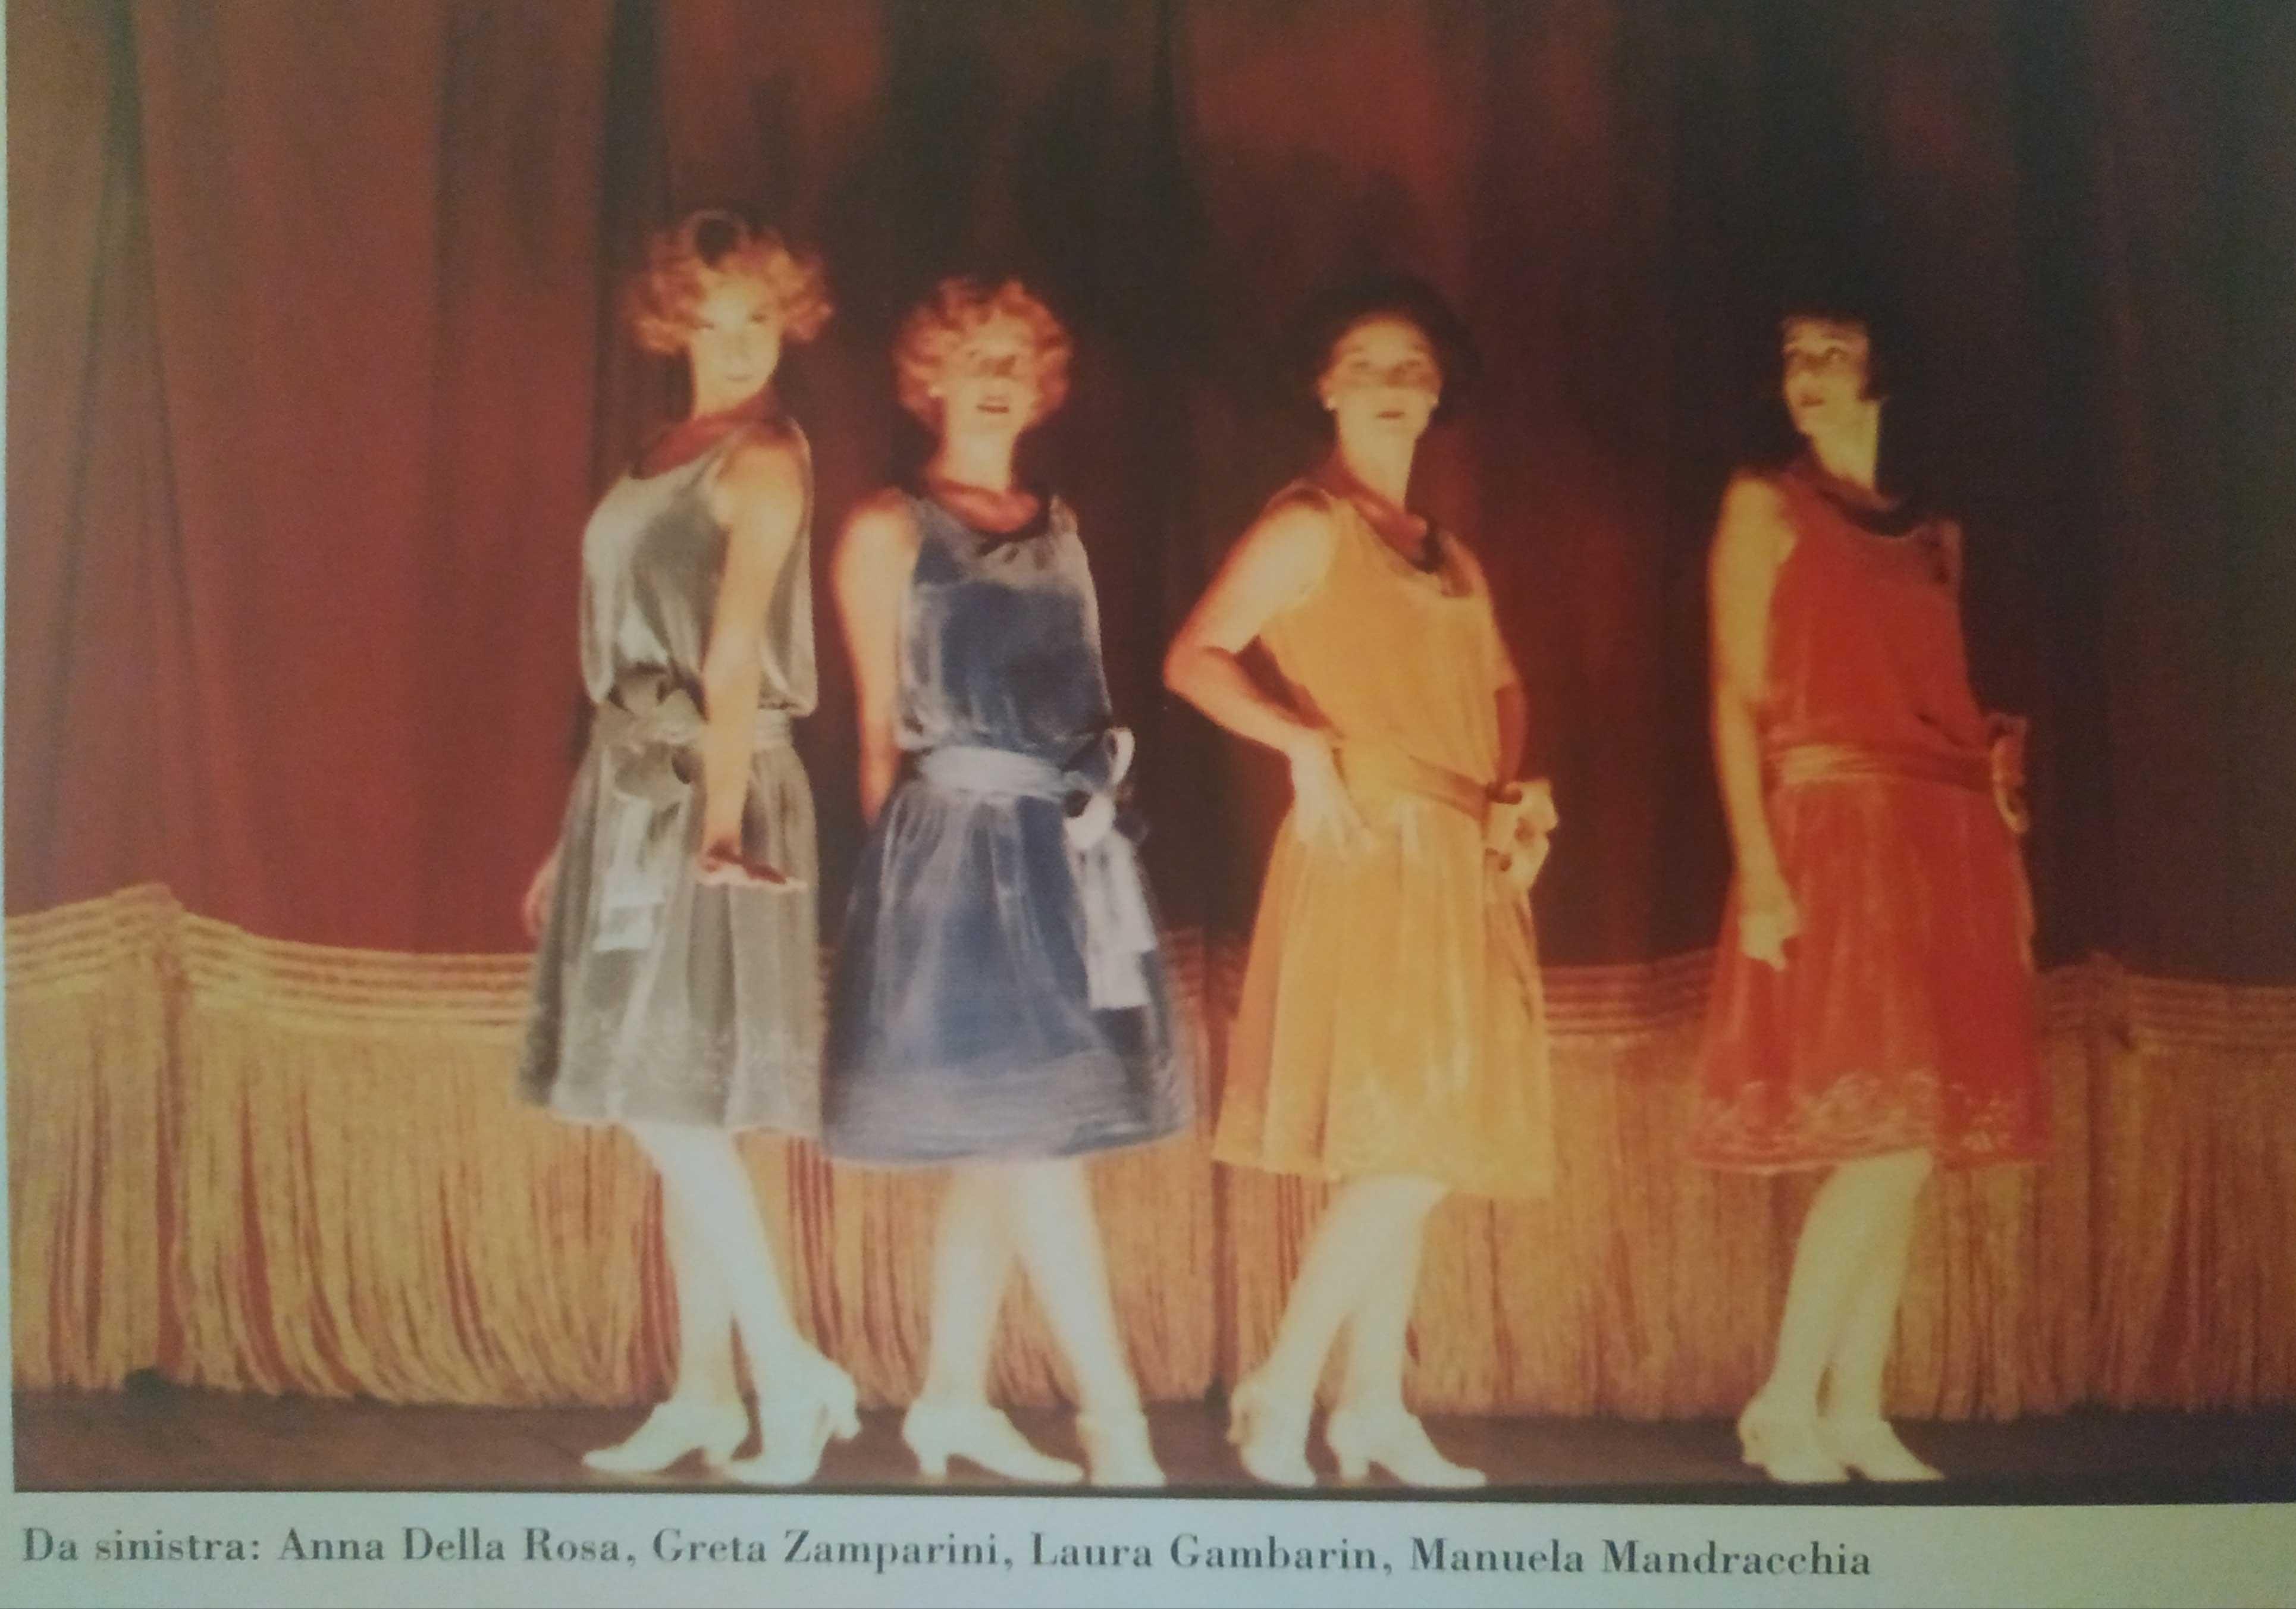 Anna Della Rosa, Greta Zamparini, Laura Gambarin, Manuela Mandracchia